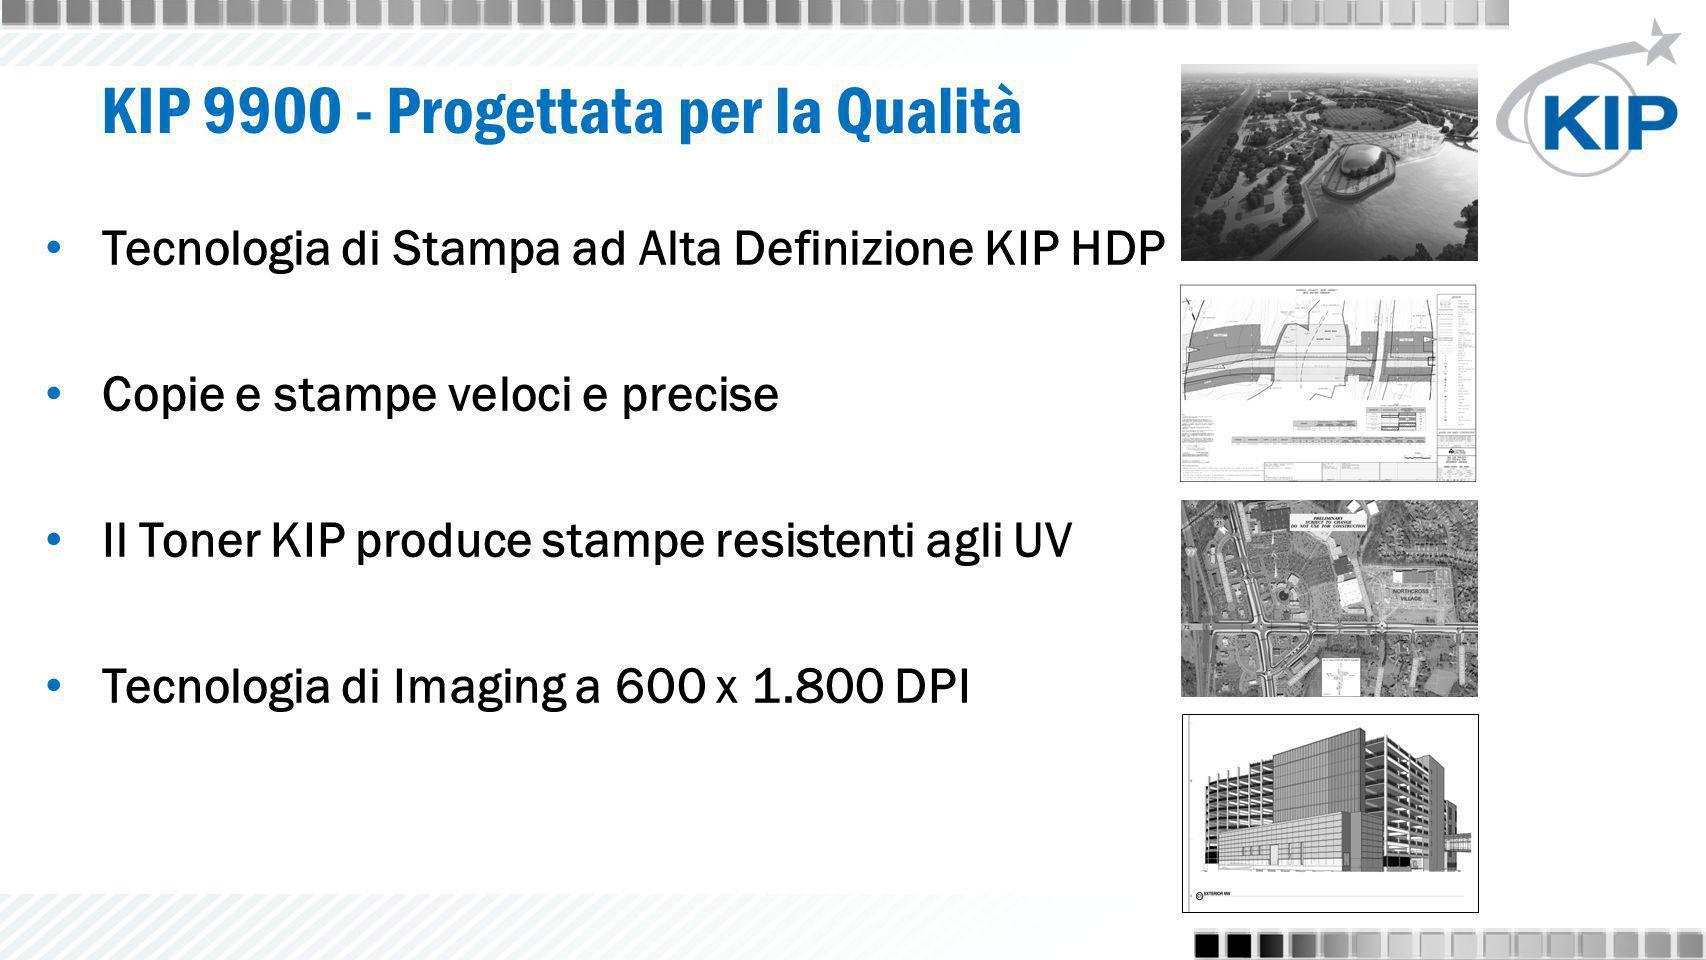 KIP 9900 - Progettata per la Qualità Tecnologia di Stampa ad Alta Definizione KIP HDP Copie e stampe veloci e precise Il Toner KIP produce stampe resi